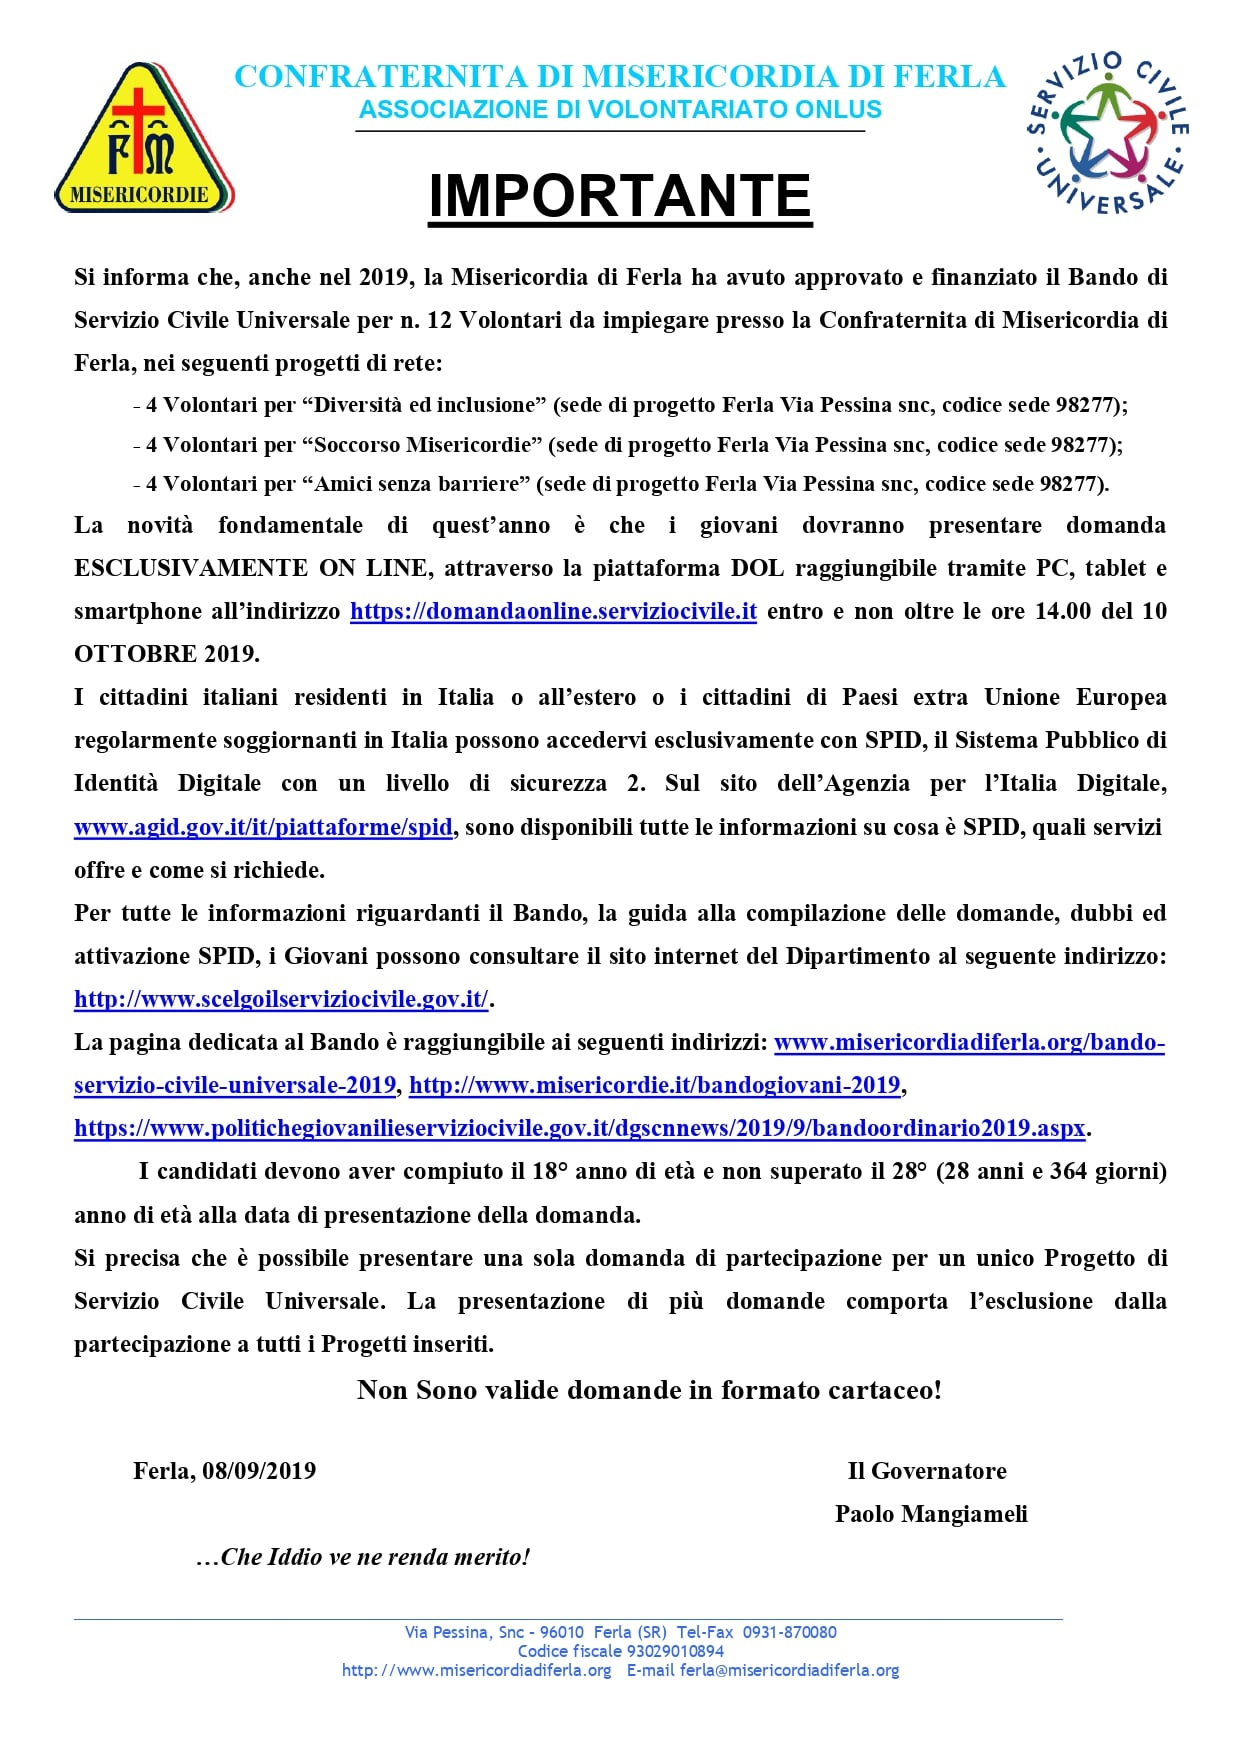 bando servizio civile universale 2019